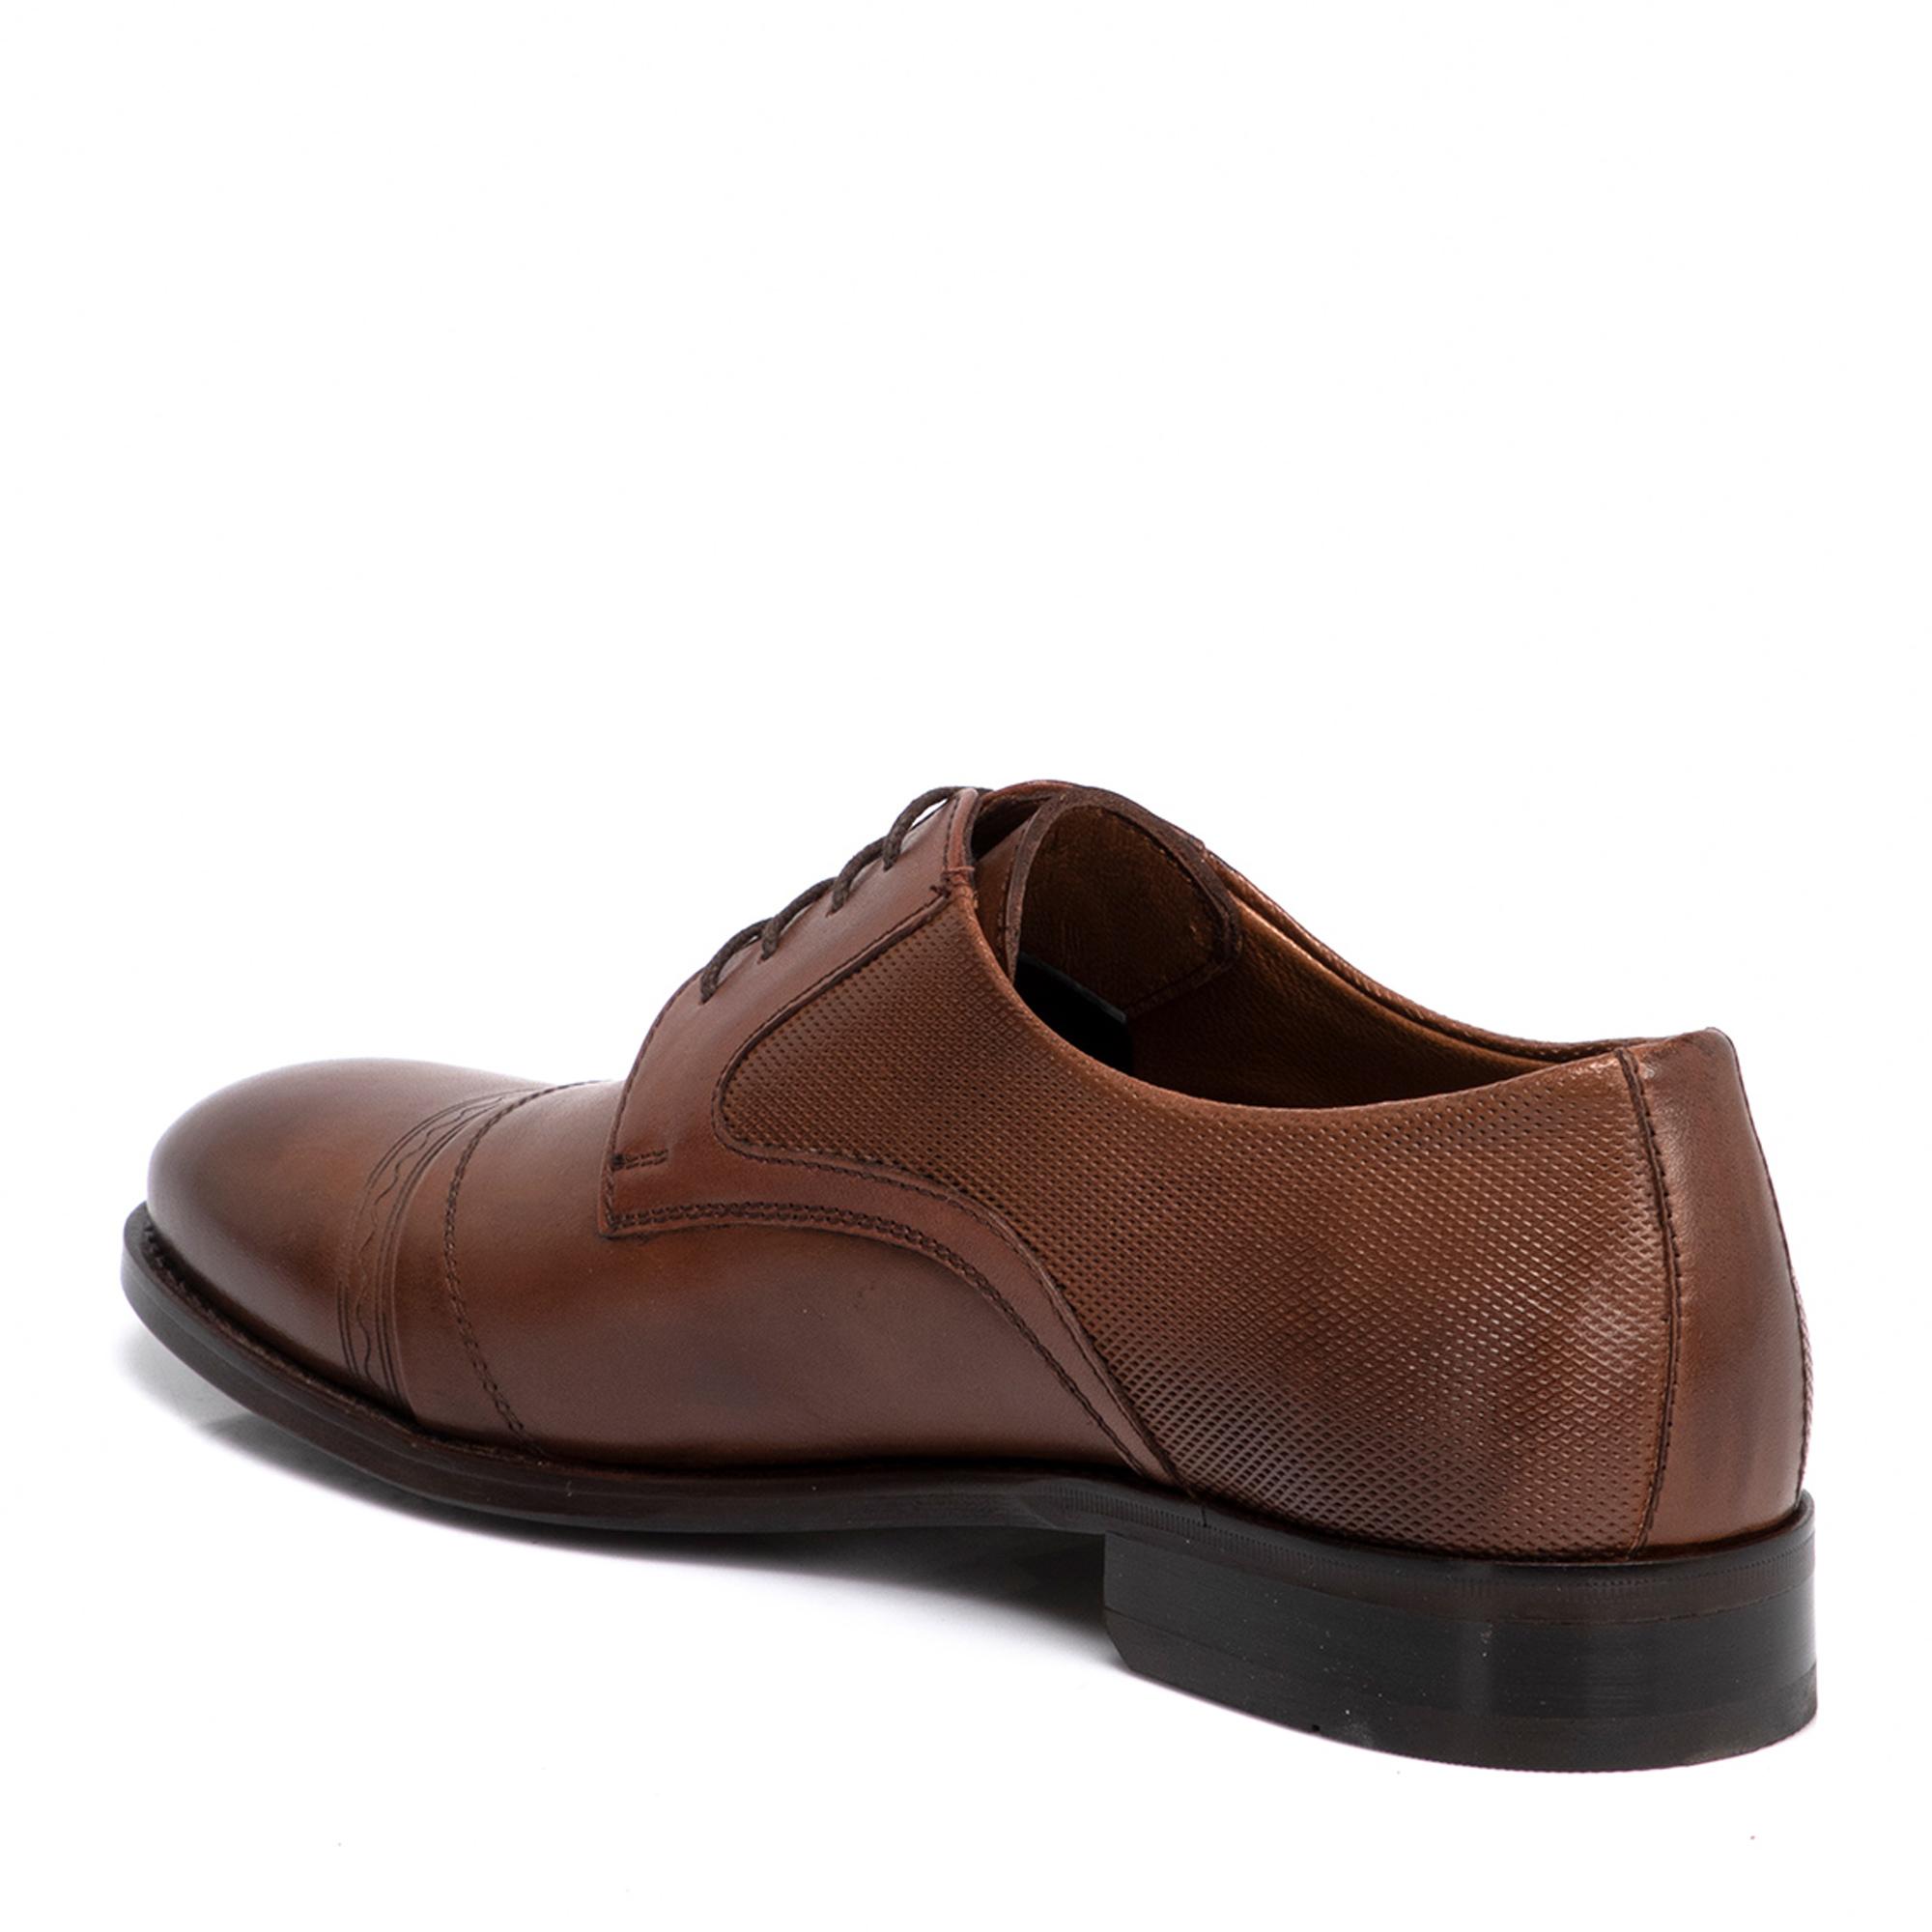 Taba Deri Erkek Ayakkabı 54276E22